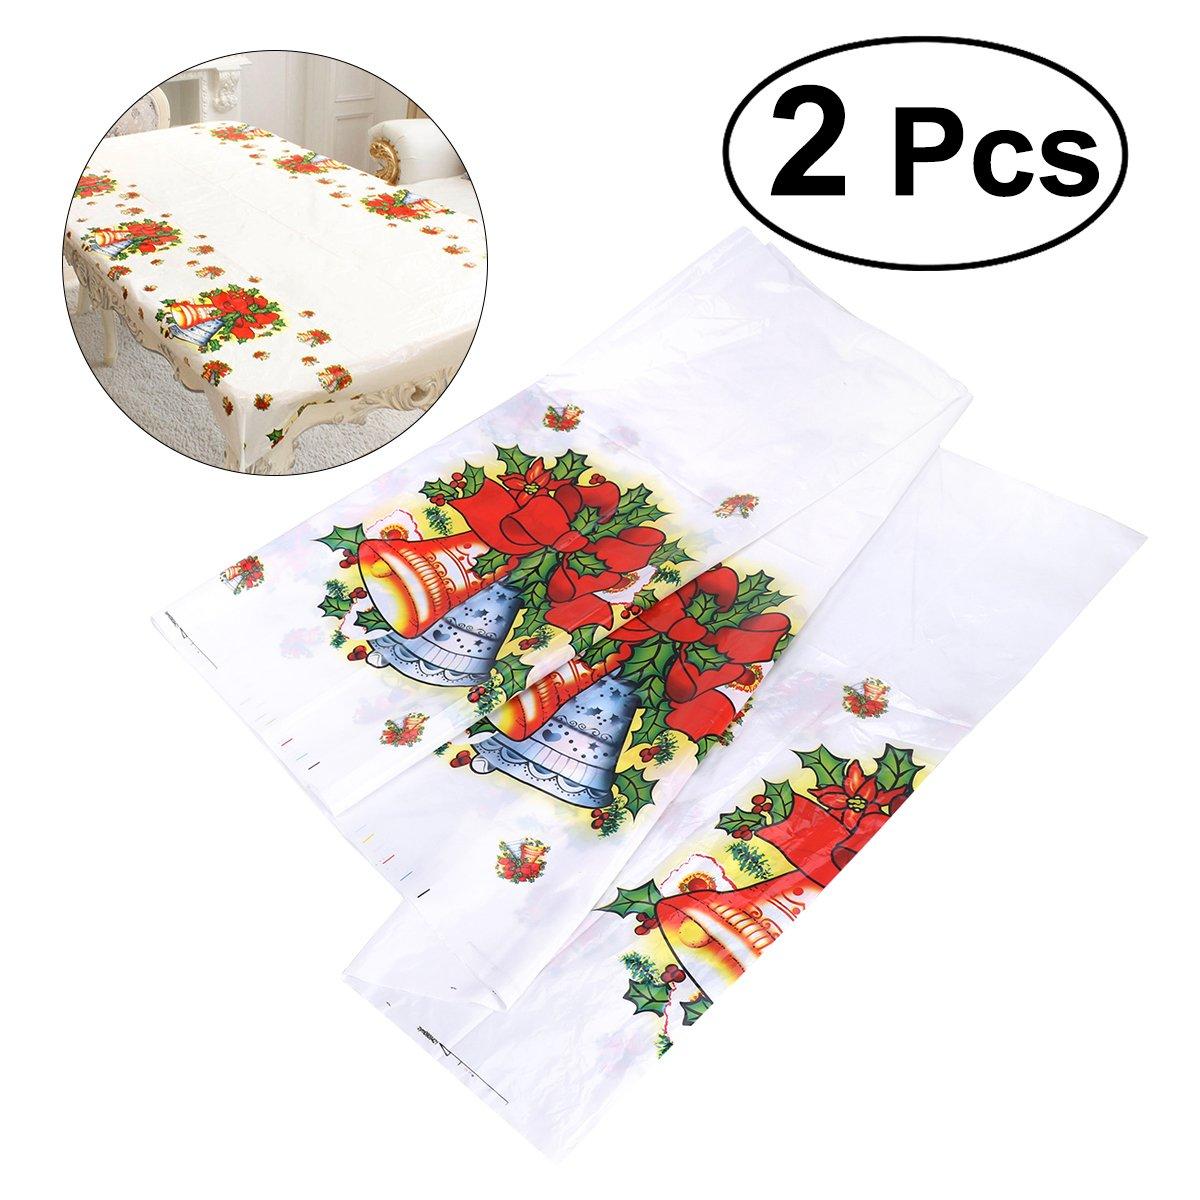 Tinksky Weihnachtstisch-Tuch-Tabellen-Abdeckung 2PCS Weihnachten wegwerfbare PVC-Tischdecke Tabellen-Lä ufer-Weihnachtsklingel-Bell-Muster-HauptPartei-Dekoration 110x180cm